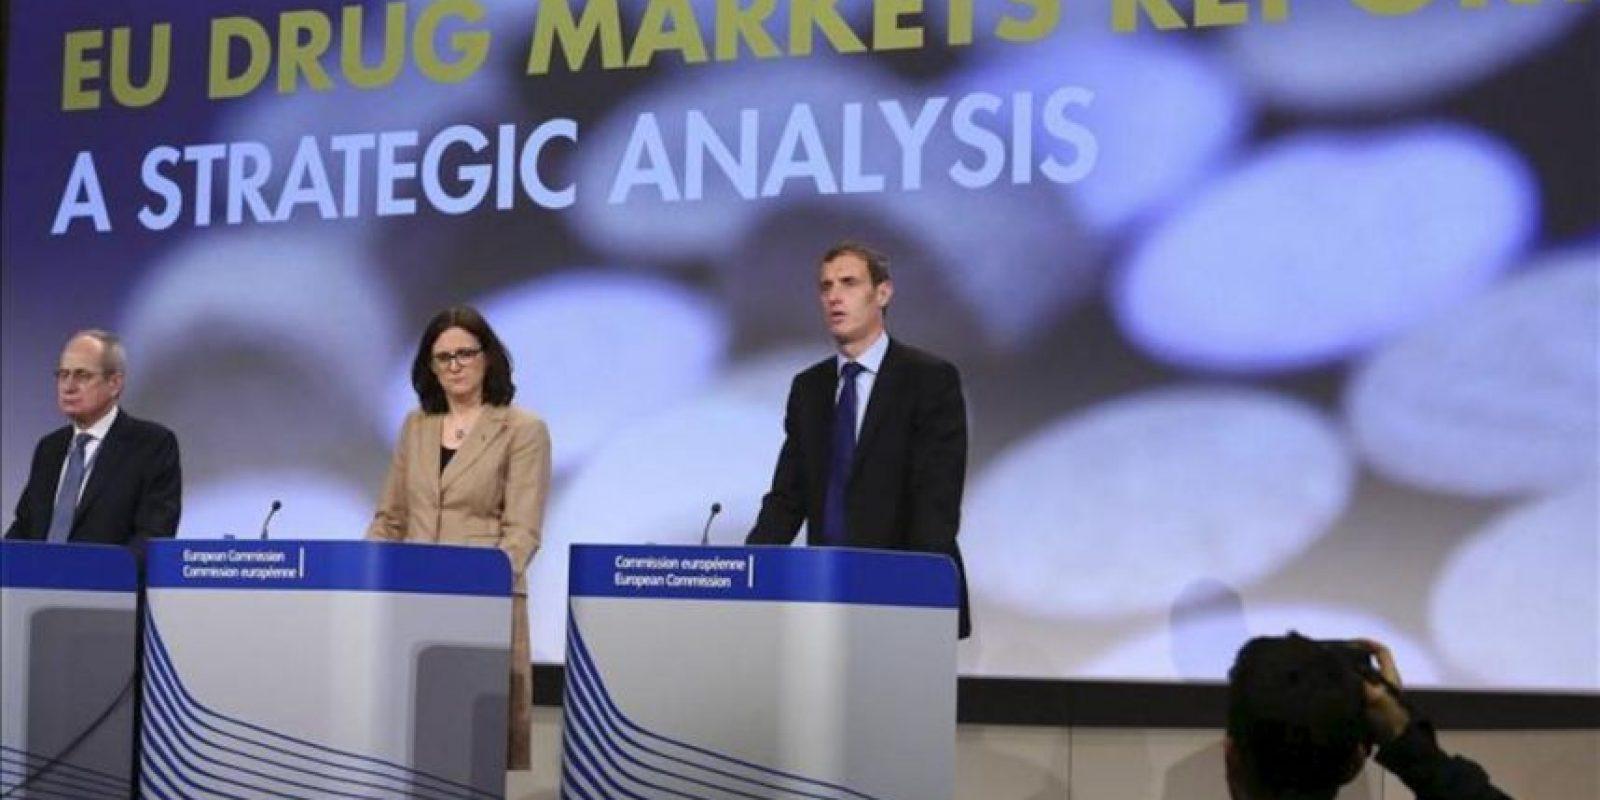 (d-i) El director de Europol, Rob Wainwright, la comisaria europea del Interior, Cecilia Malmström, y el director del Observatorio Europeo de Drogas y Toxicomanías, Wolfgang Gotz, durante una rueda de prensa conjunta para presentar el primer informe conjunto que han realizado las dos principales agencias europeas contra la droga. EFE